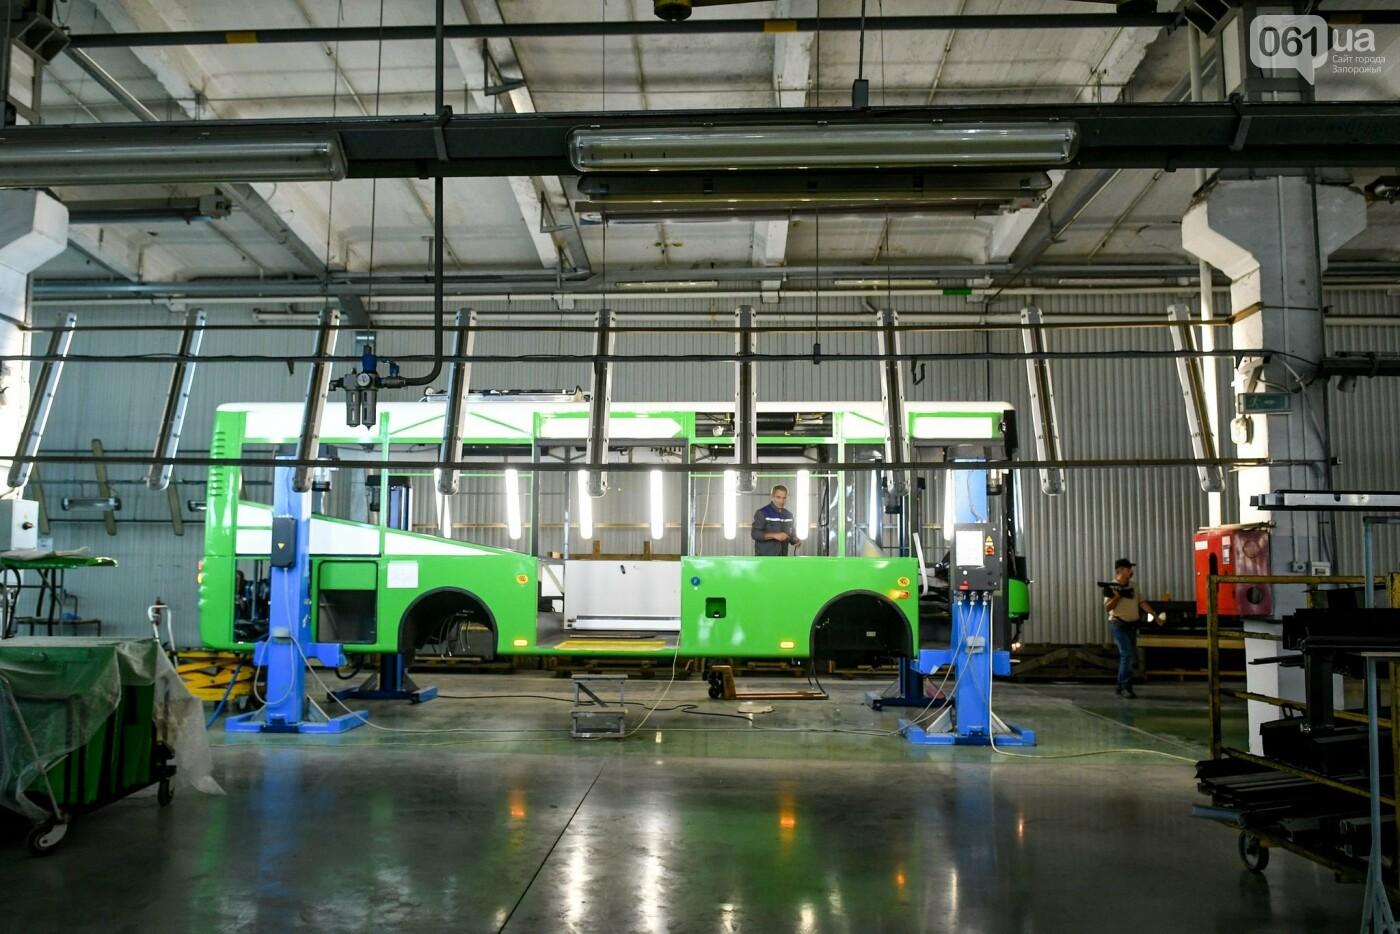 Подробности об автобусе ЗАЗ на агрегатах Mercedes-Benz 2